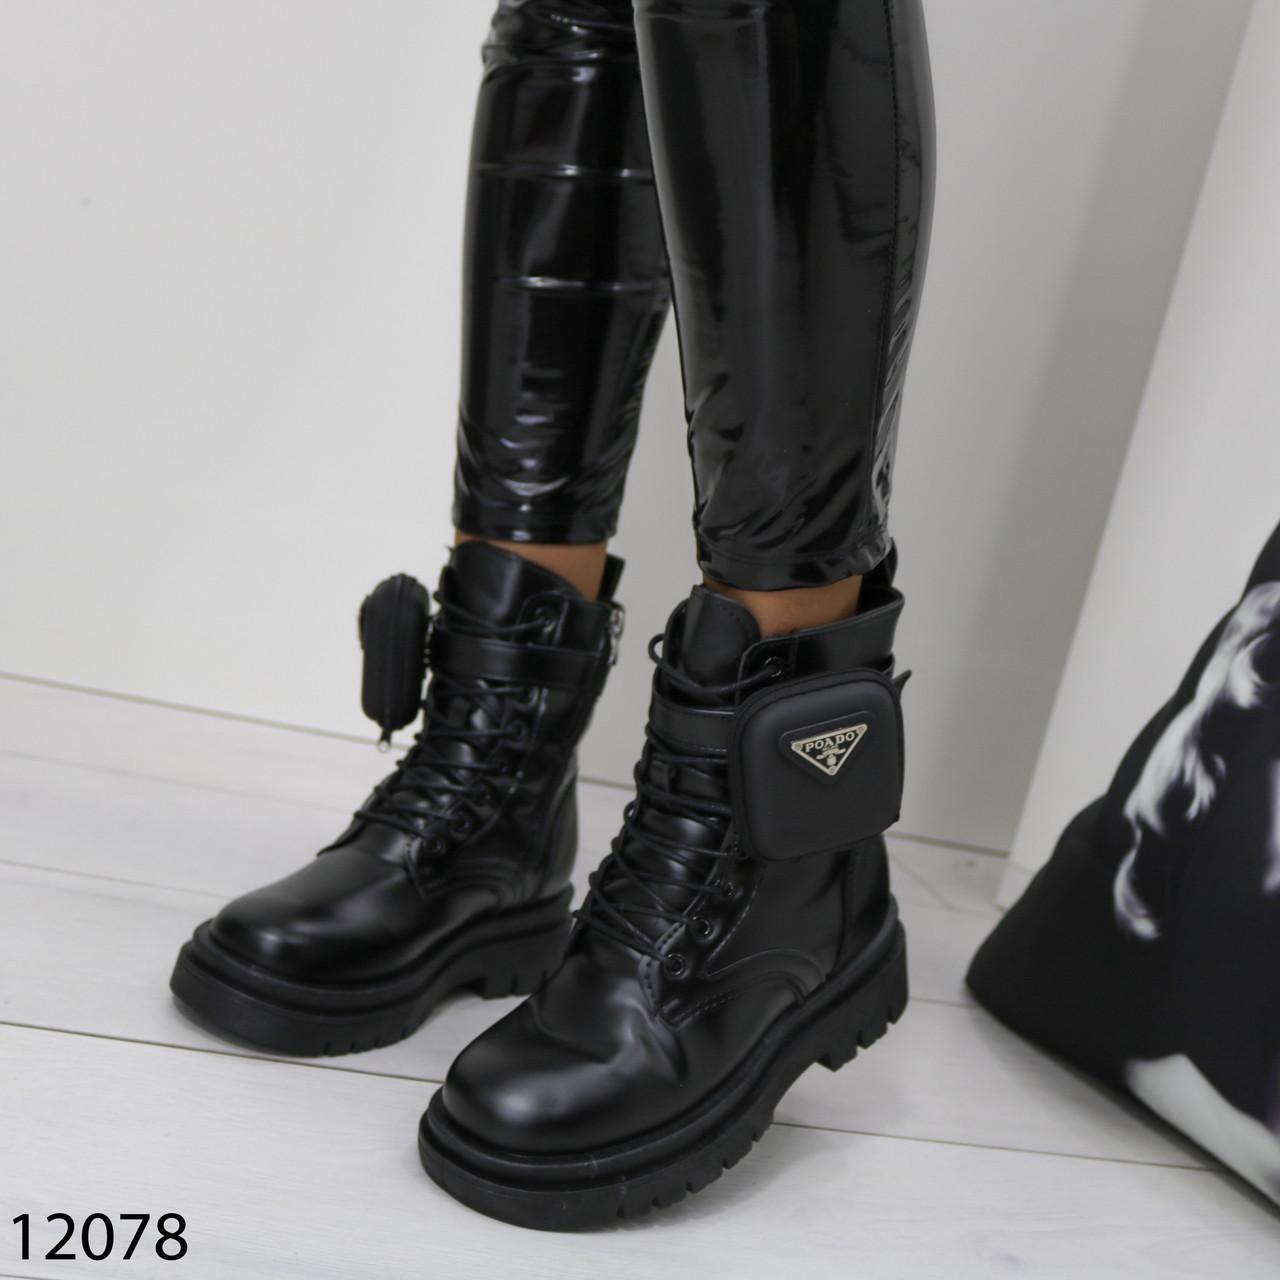 Ботинки зимние женские А12078